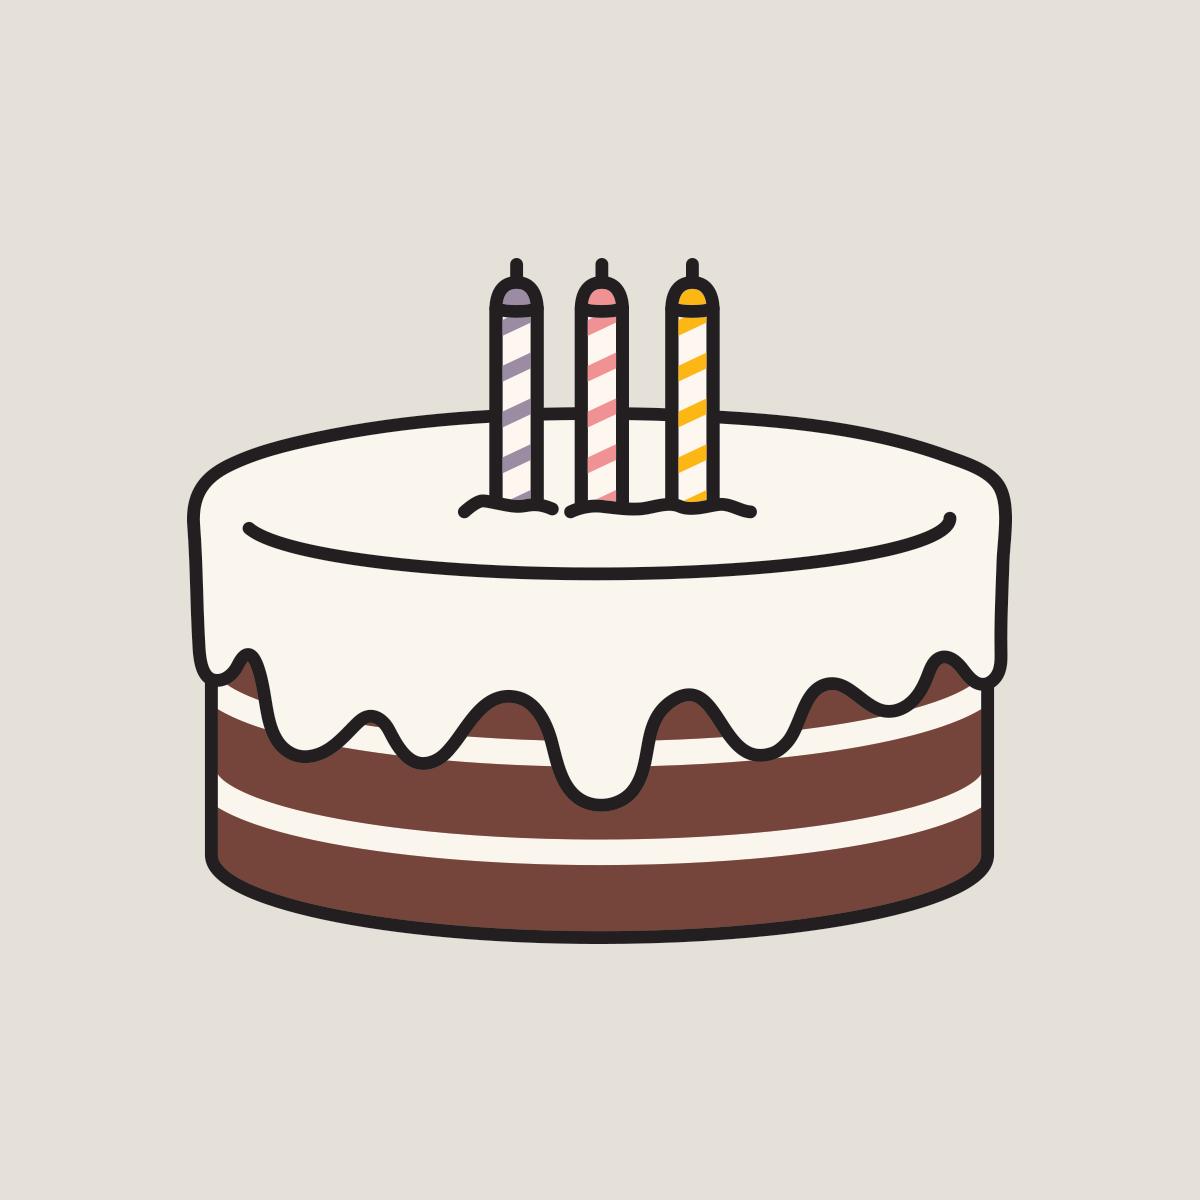 113 birthdays